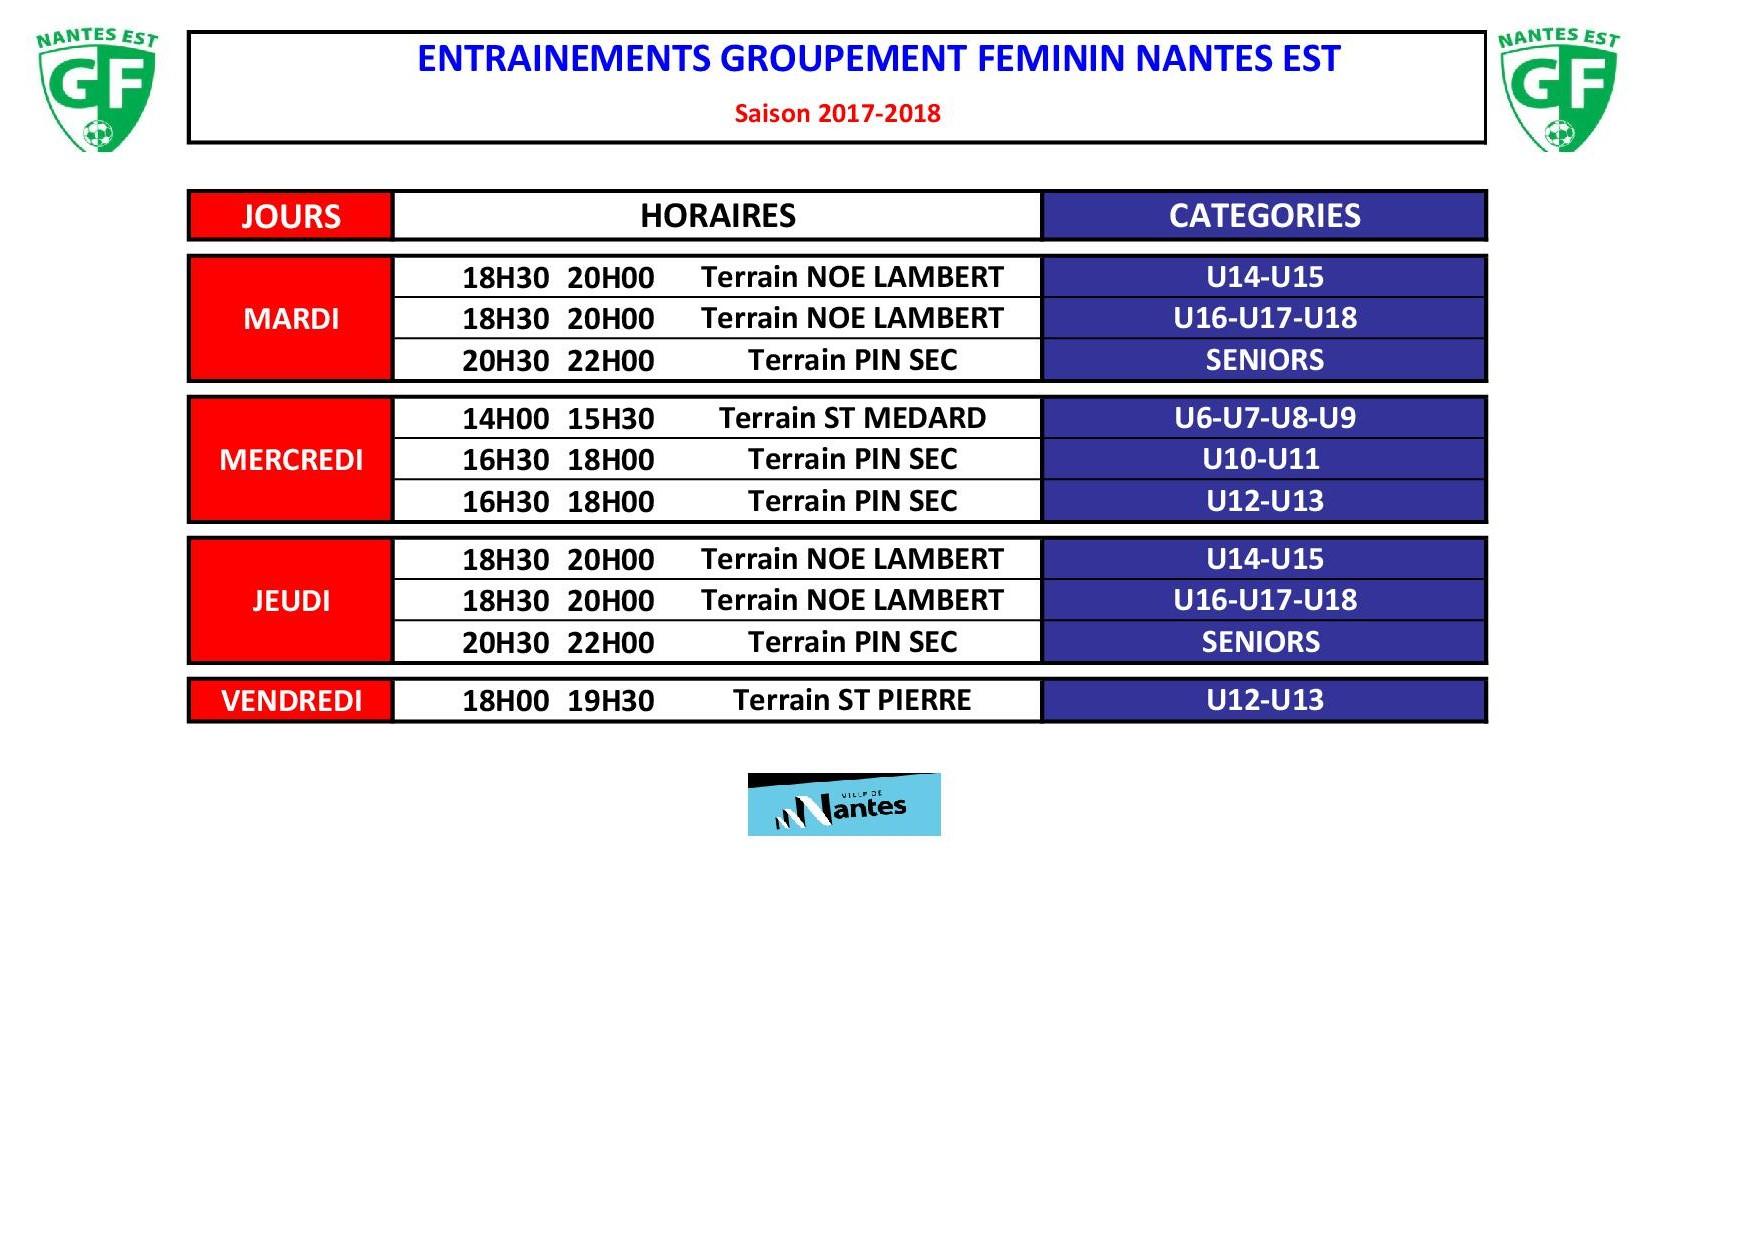 Planning Entraînements GF Nantes Est